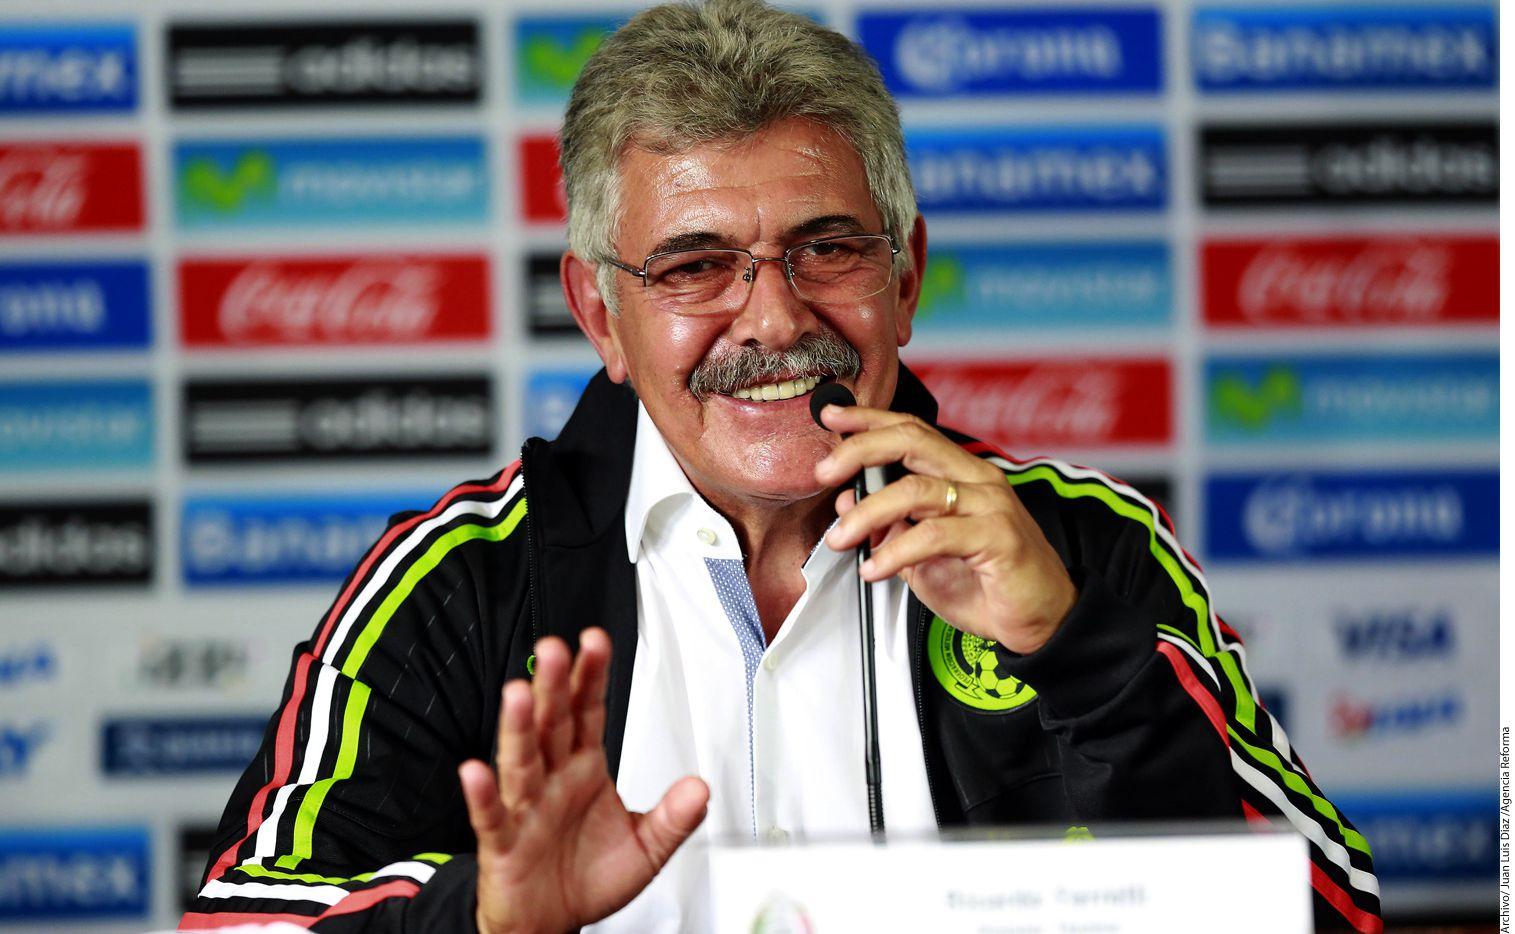 El estratega brasileño e interino en el Tri, Ricardo Ferretti, reconoció que se va muy contento con esta oportunidad y que nunca se le olvidará este proceso en su carrera como entrenador./ AGENCIA REFORMA